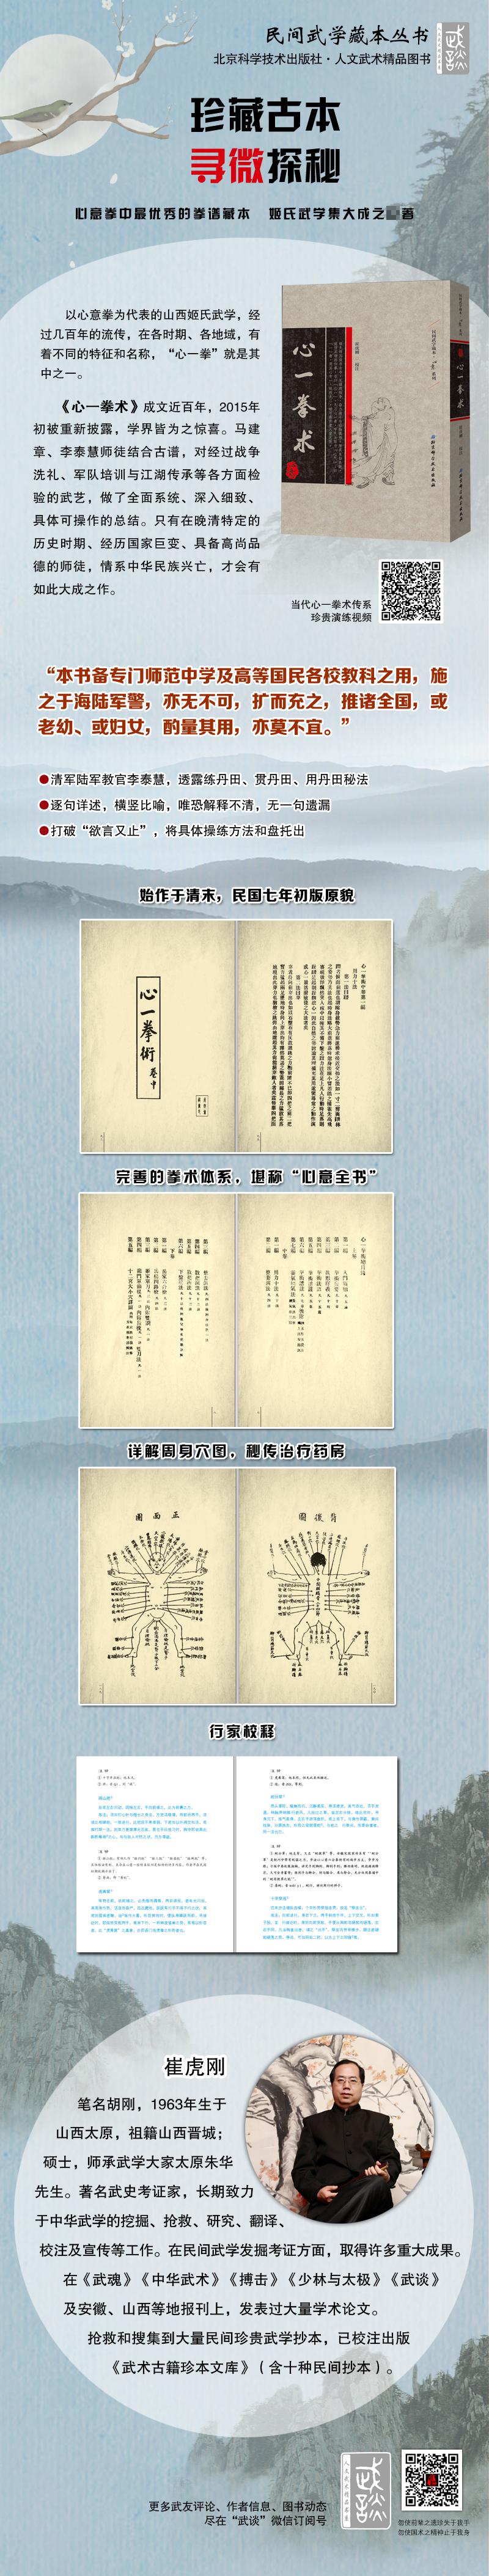 心一拳術-民間武学蔵本・心意系列